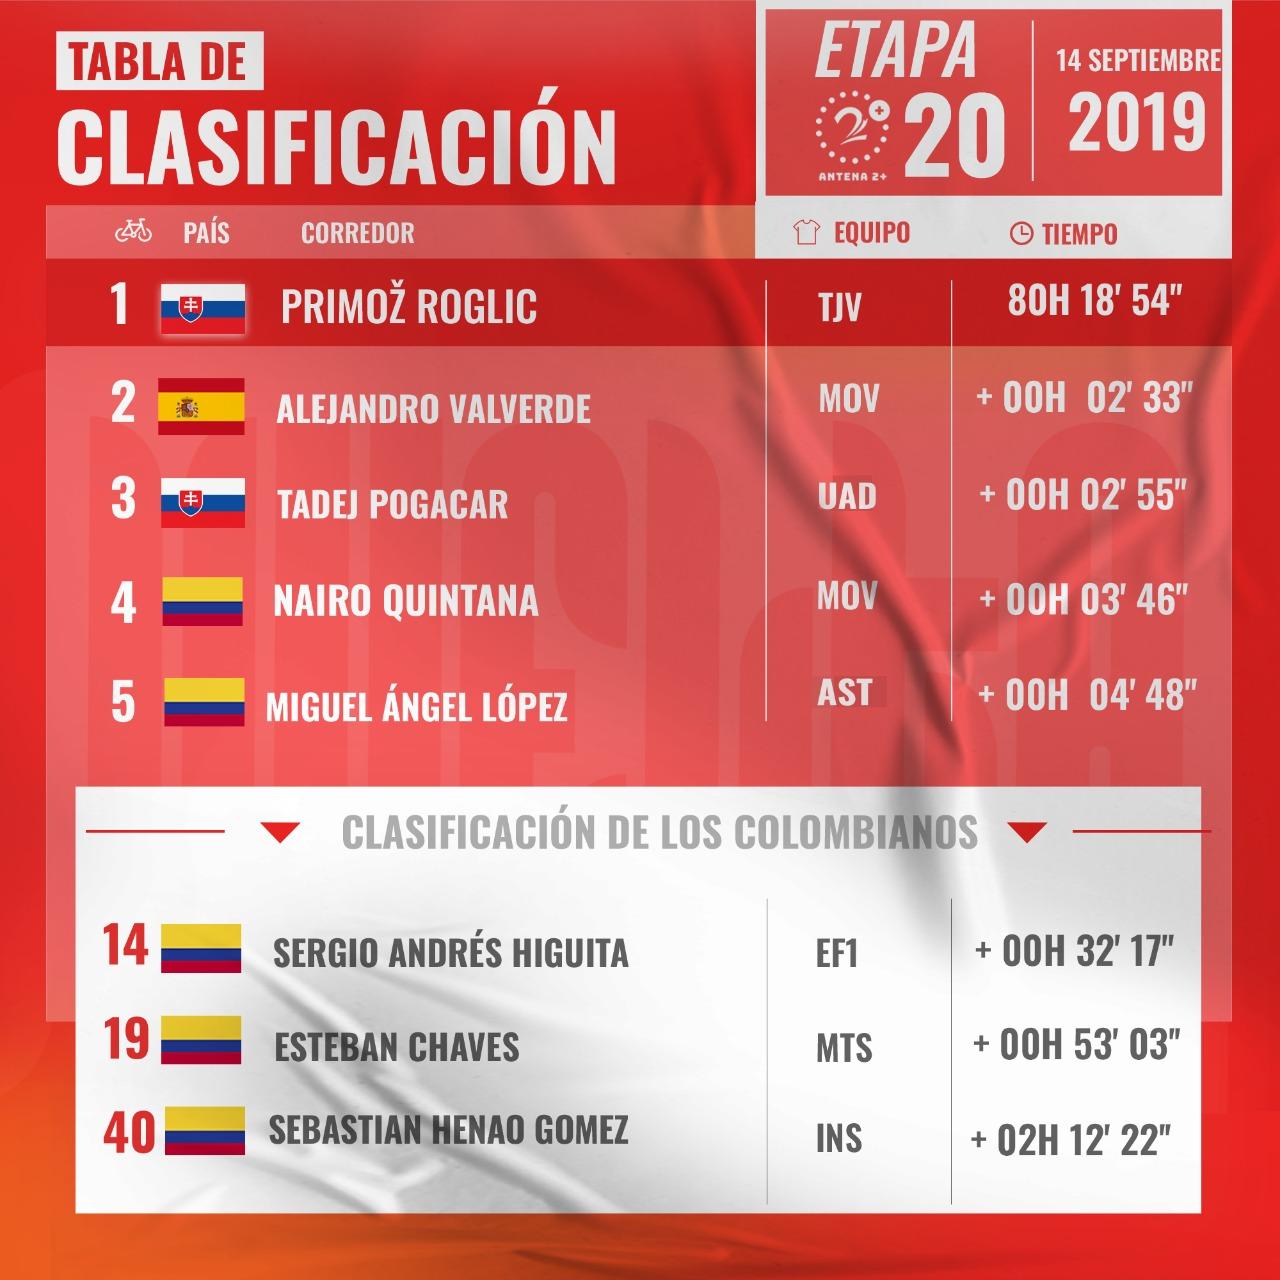 Vuelta a España, clasificaciones, etapa 20